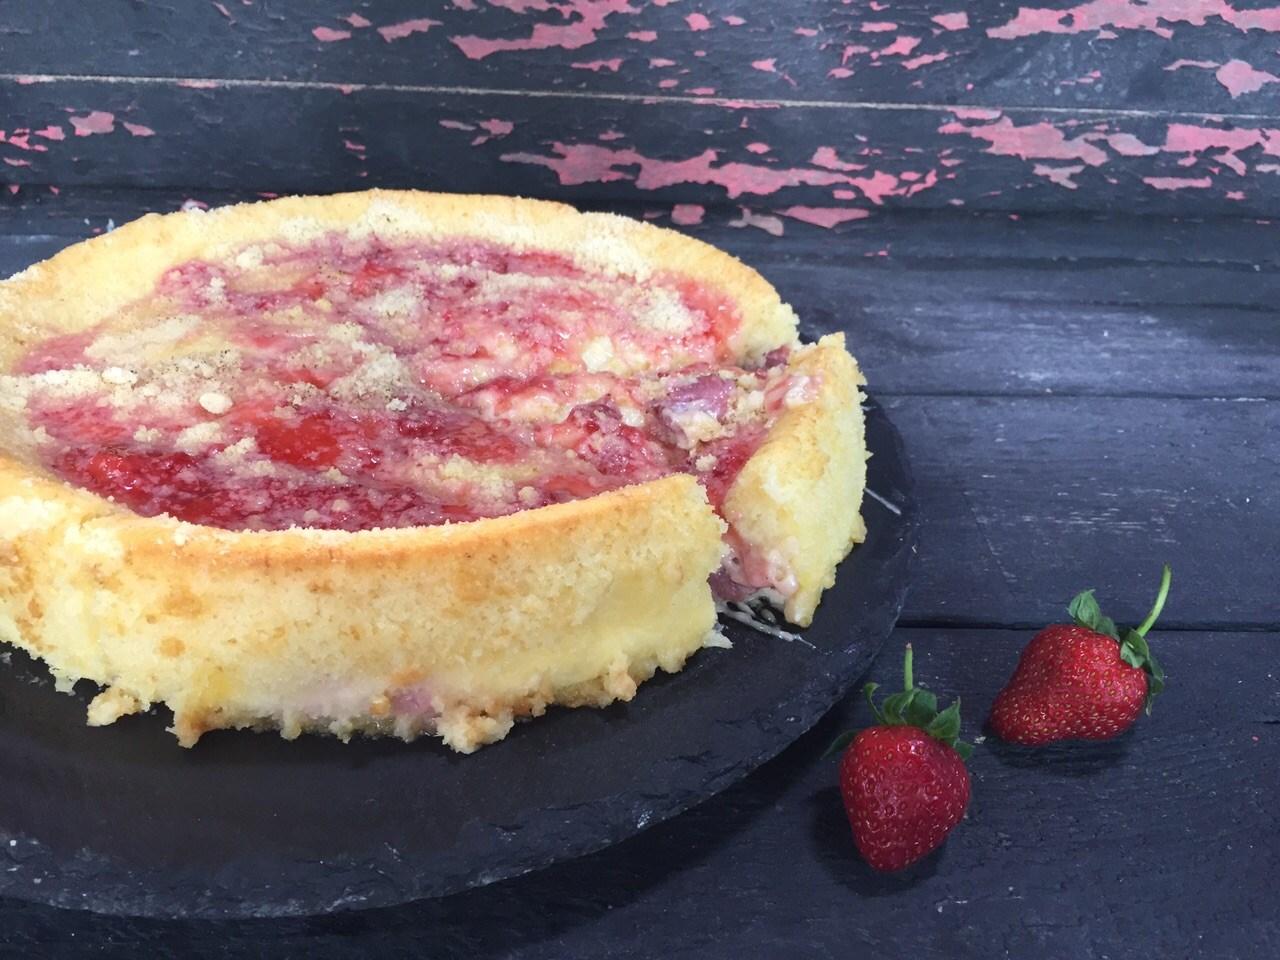 Çok oyunculu bir çilekli bir yemek keki nasıl pişirilir